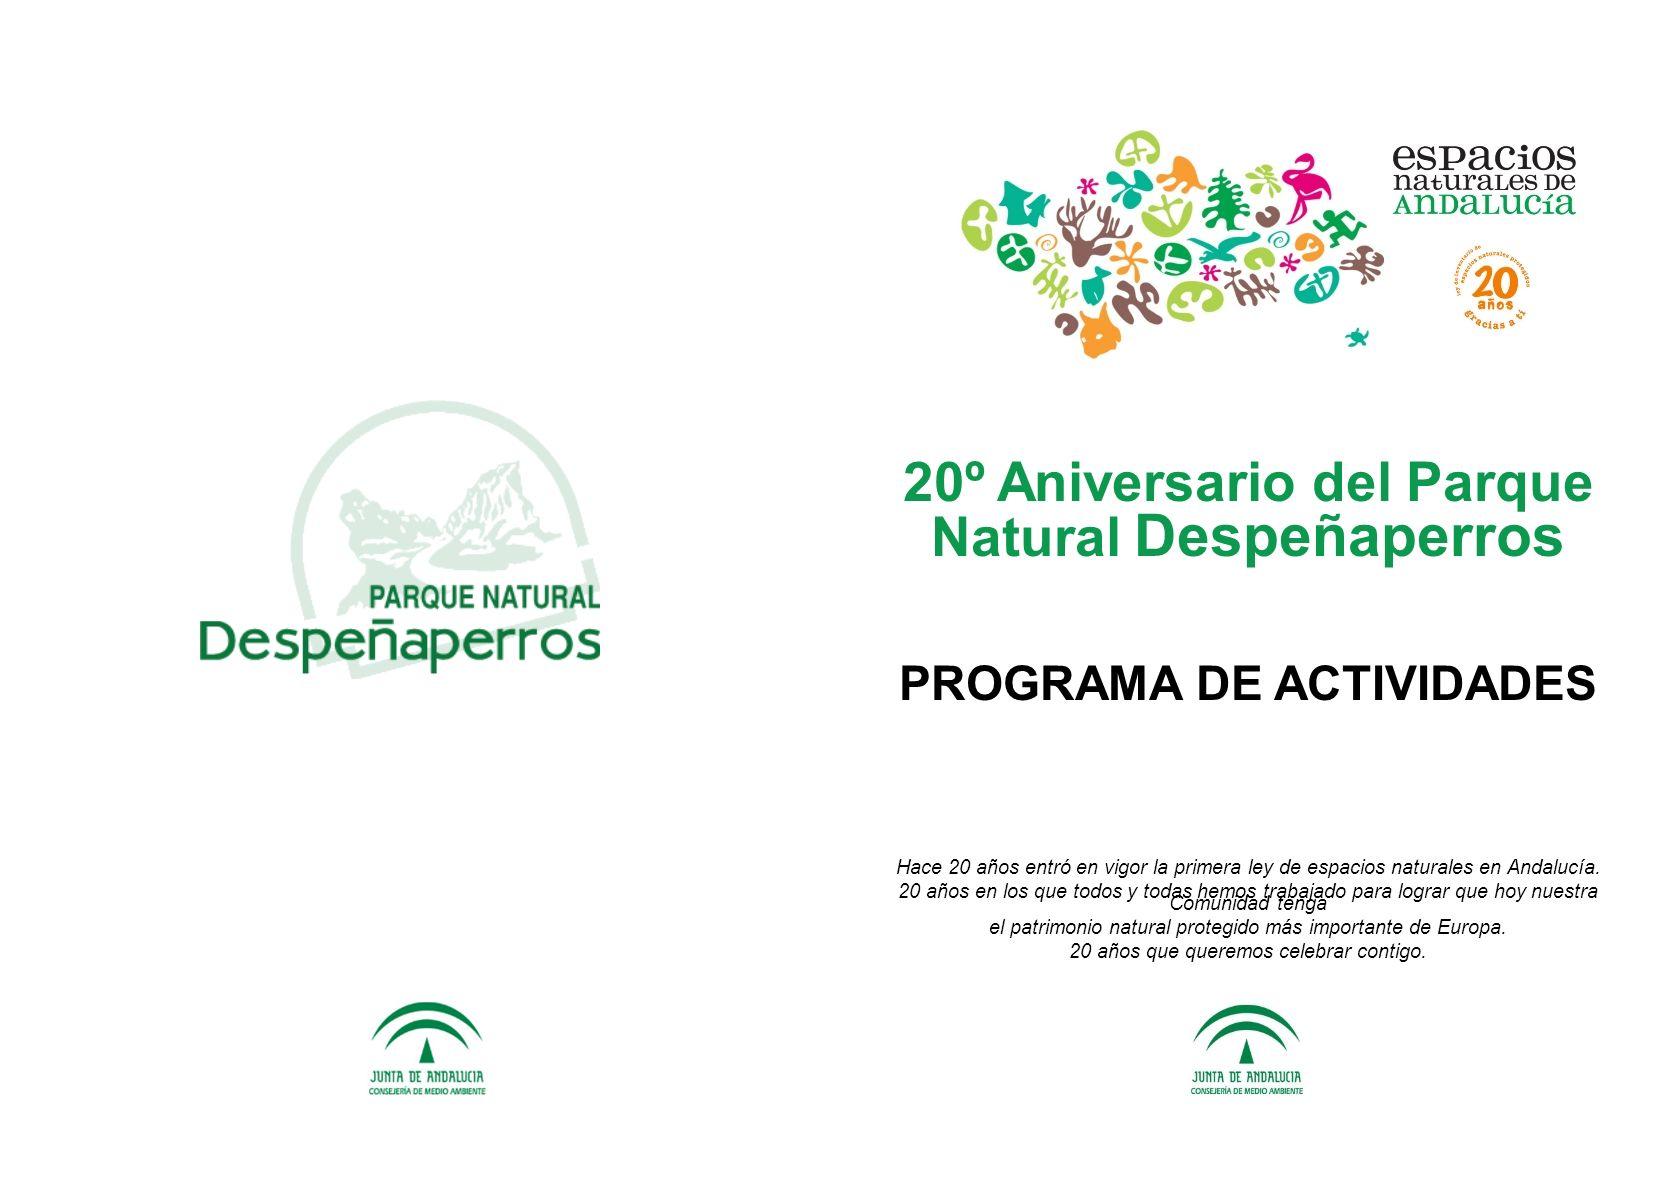 20º Aniversario del Parque Natural Despeñaperros PROGRAMA DE ACTIVIDADES Hace 20 años entró en vigor la primera ley de espacios naturales en Andalucía